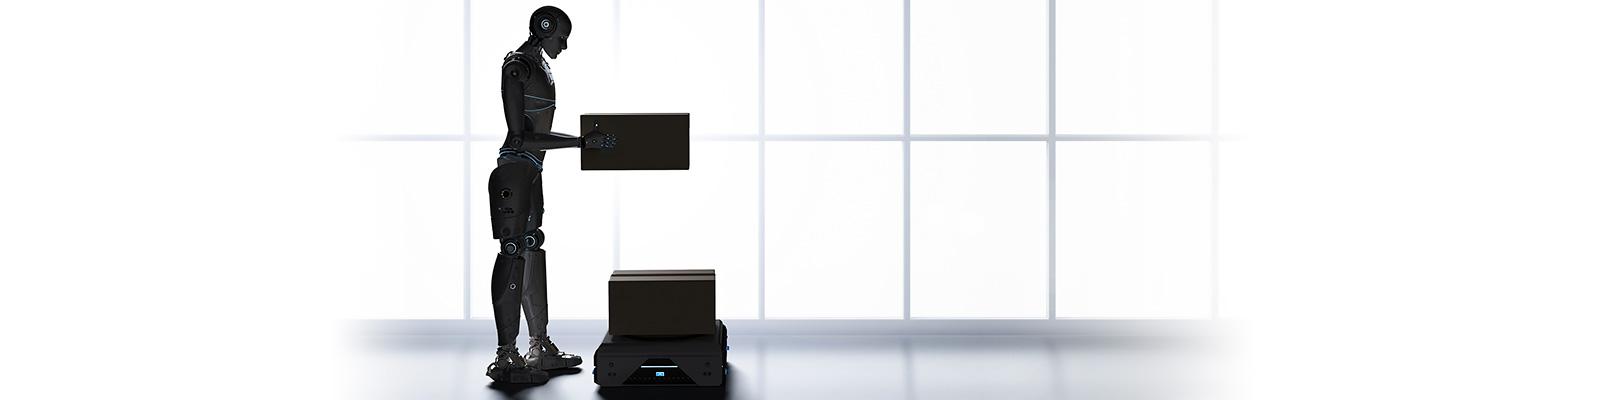 物流 AI ロボット イメージ